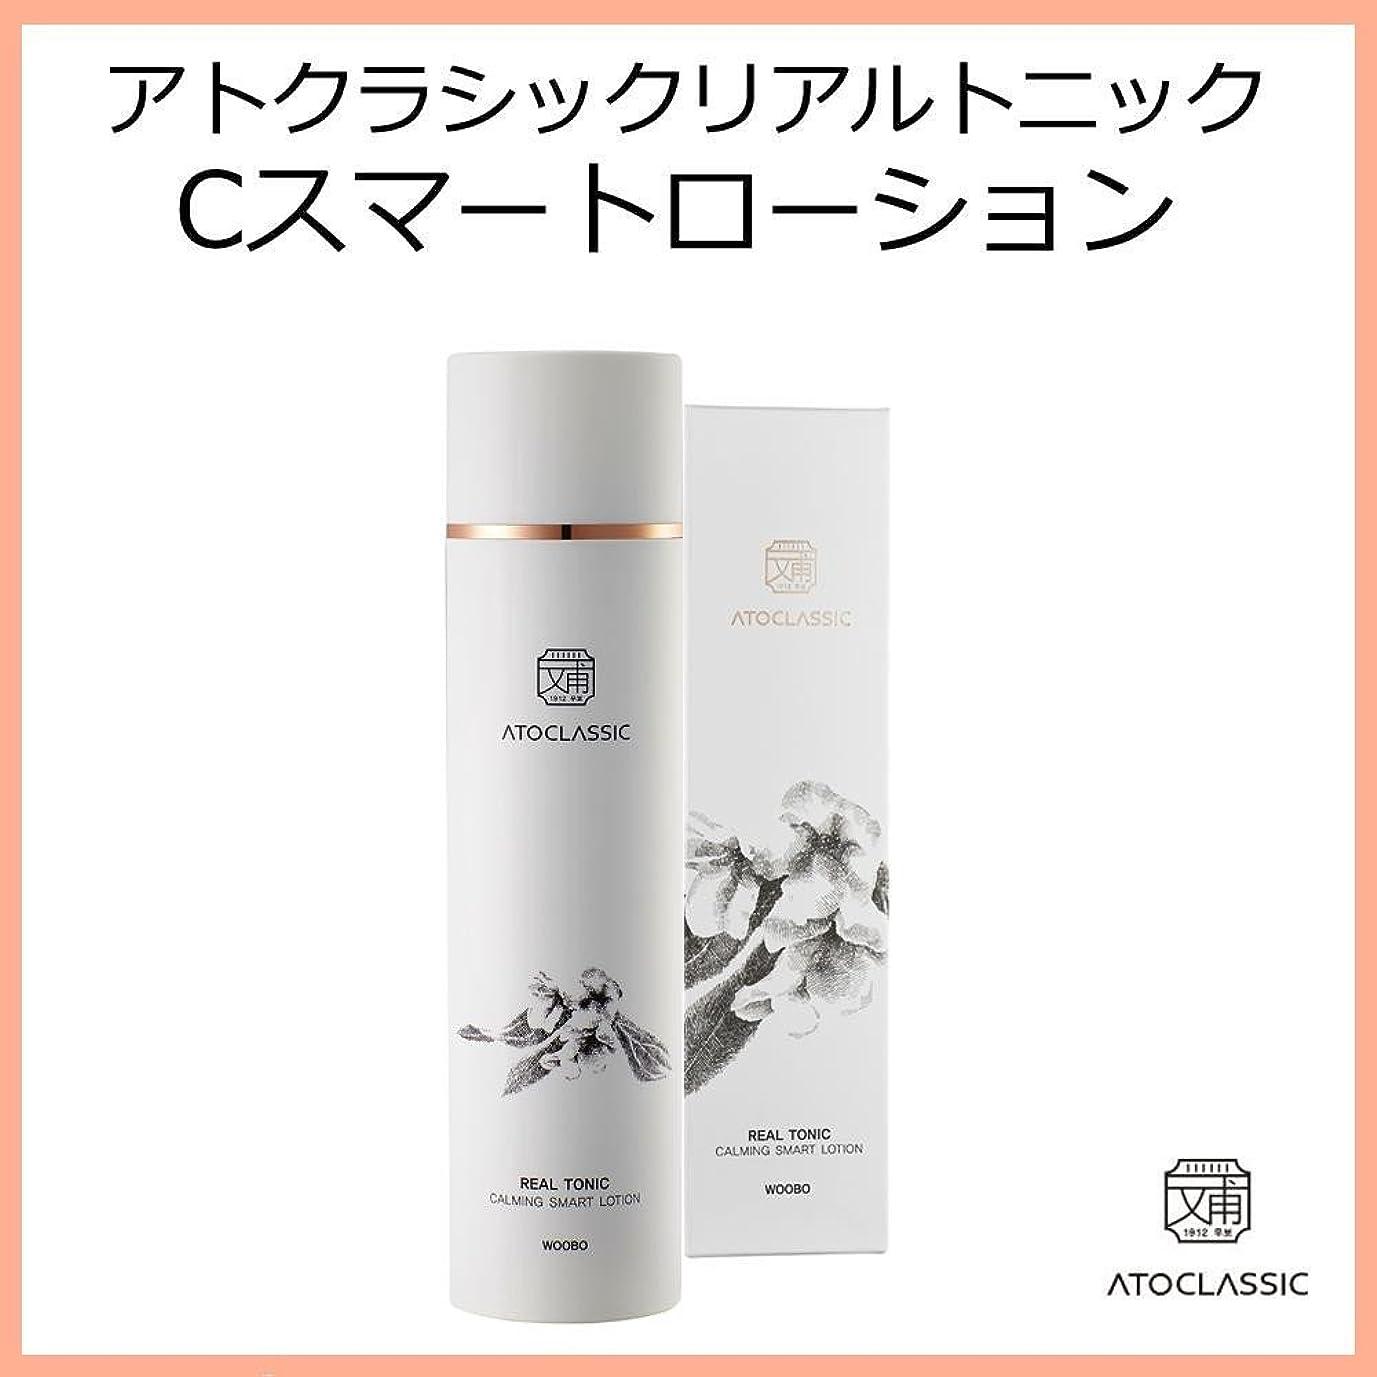 凝視きらめく収束韓国コスメ ATOCLASSIC アトクラシックリアルトニック Cスマートローション(Calming Smart Lotion) 200ml